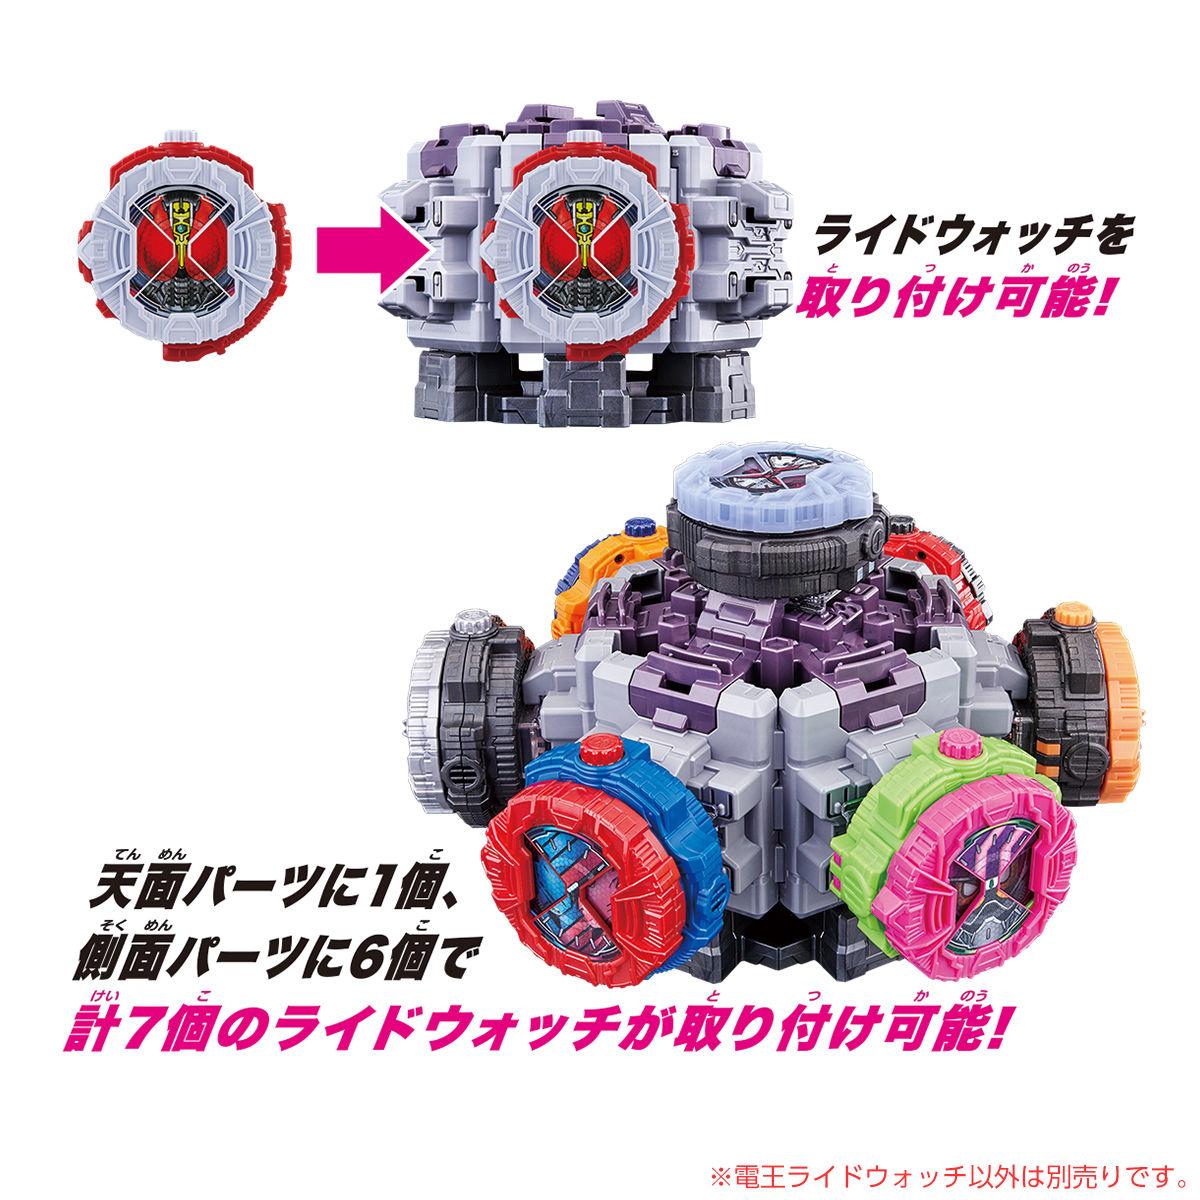 仮面ライダージオウ『DXライドウォッチダイザー&電王ライドウォッチ』変身なりきり-003